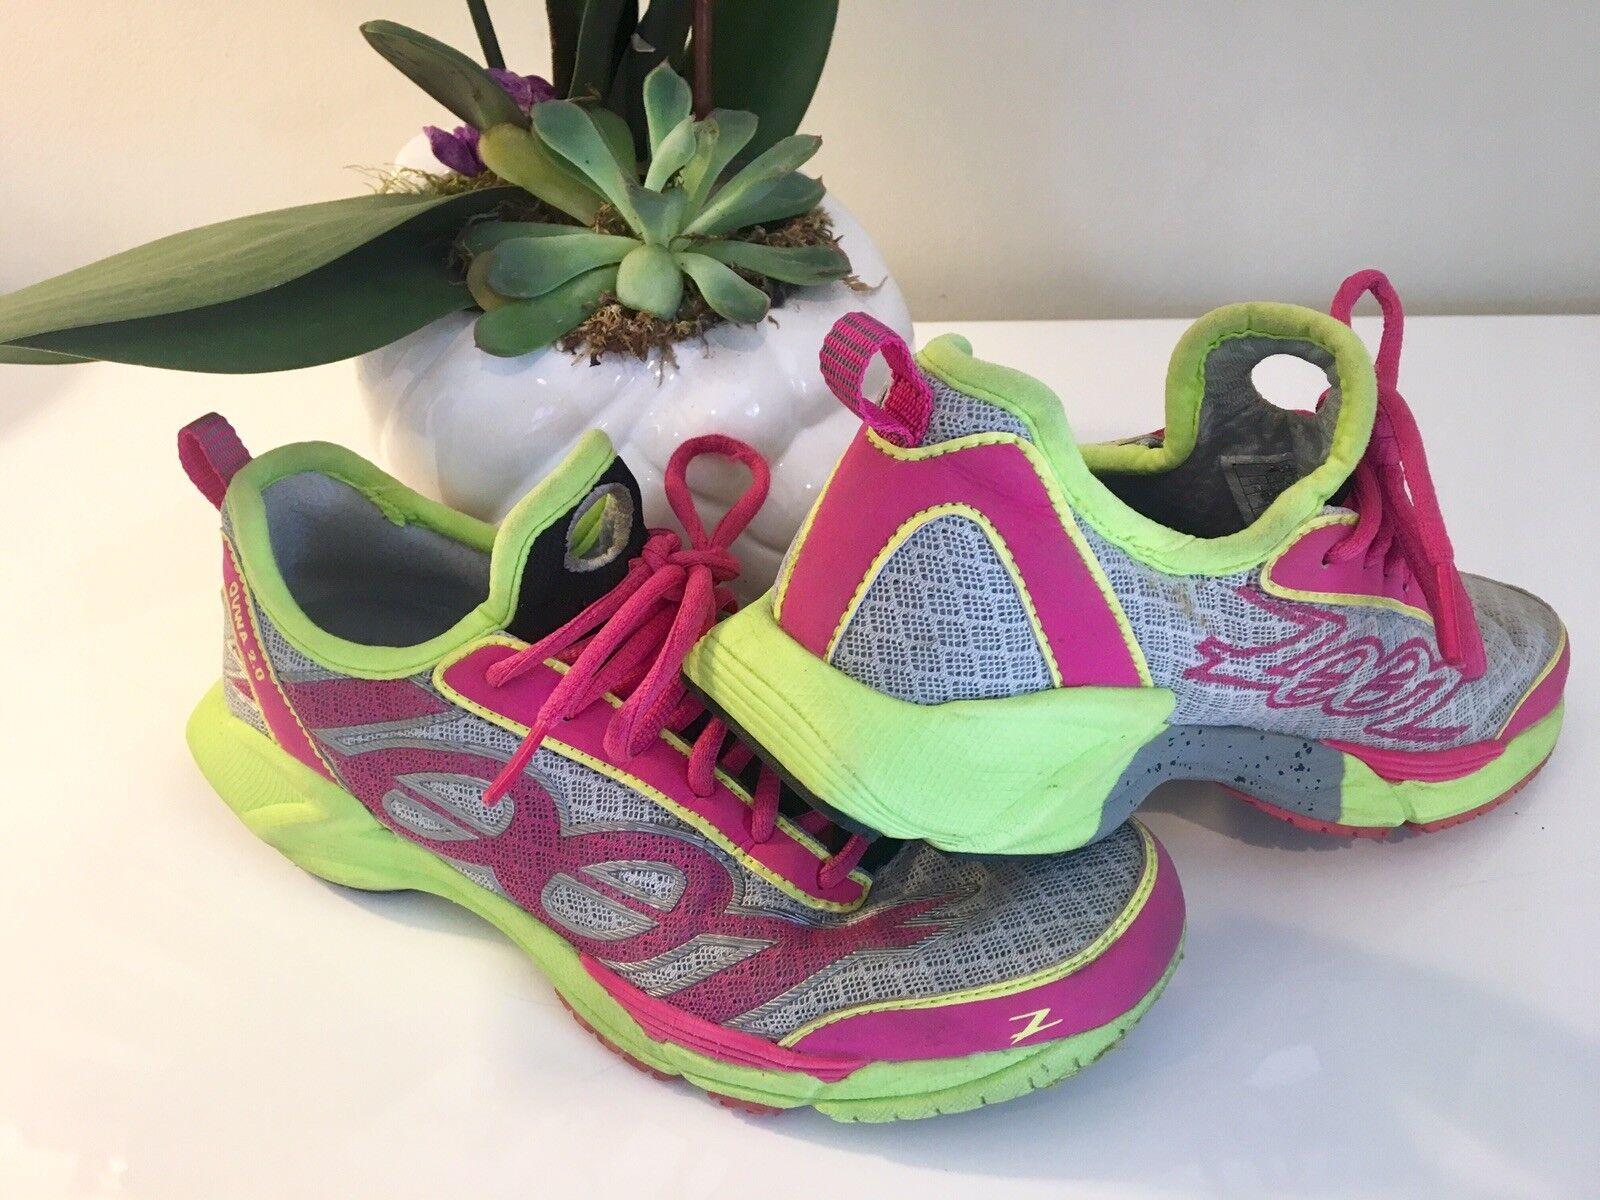 HOT  Womens Zoot Tri-shoes Ovwa 2.0 Pink  Size 7.5